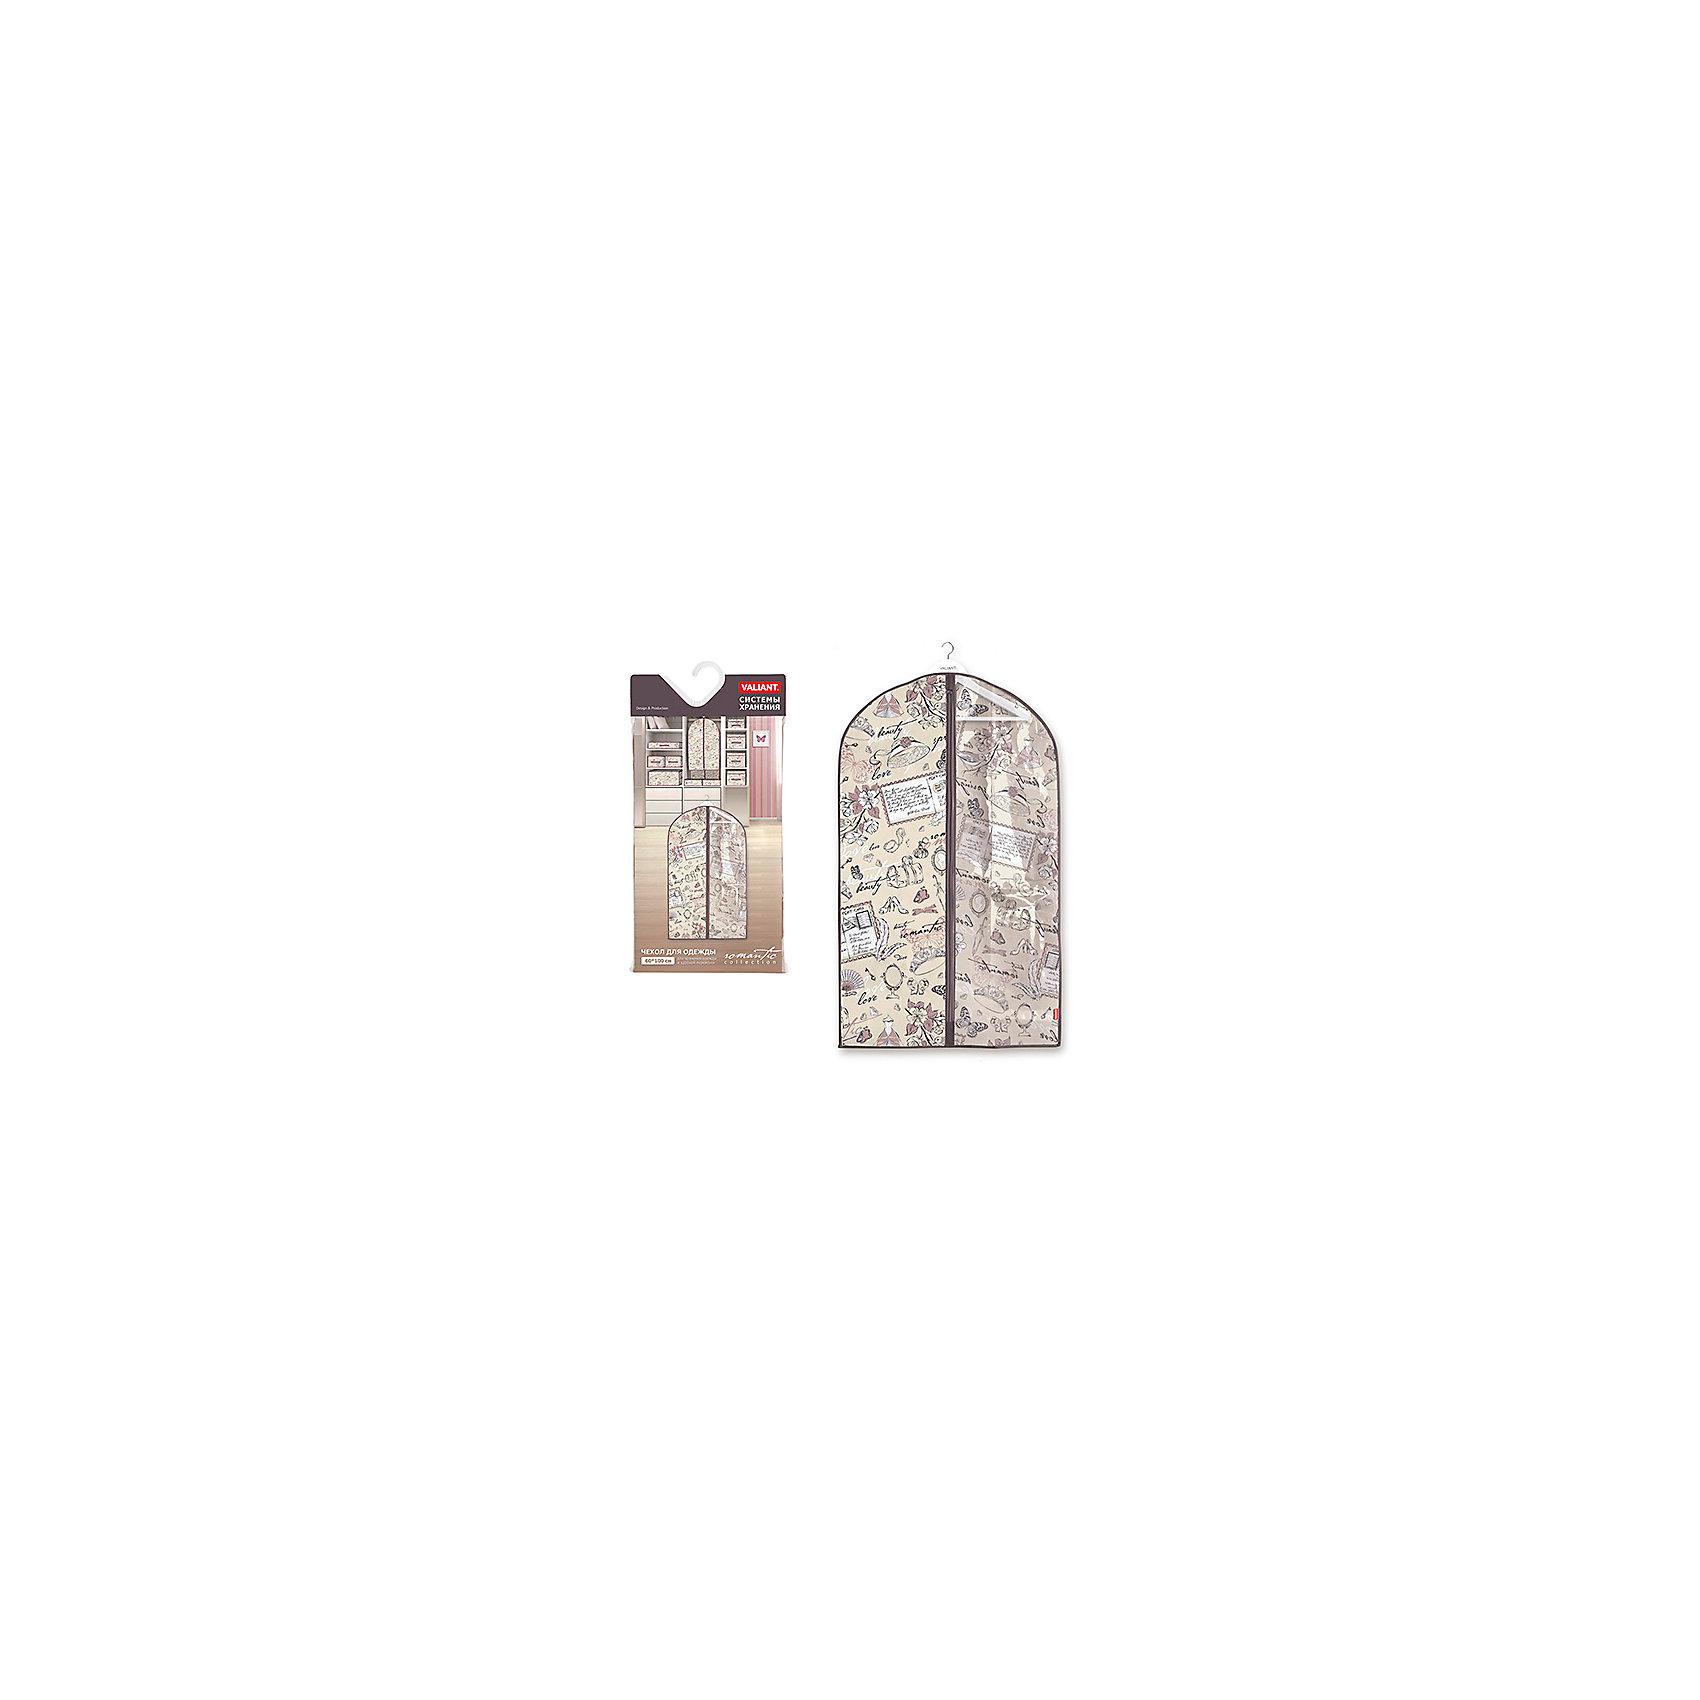 Чехол для одежды с прозрачной вставкой, малый, 60*100 см, ROMANTIC, Valiant